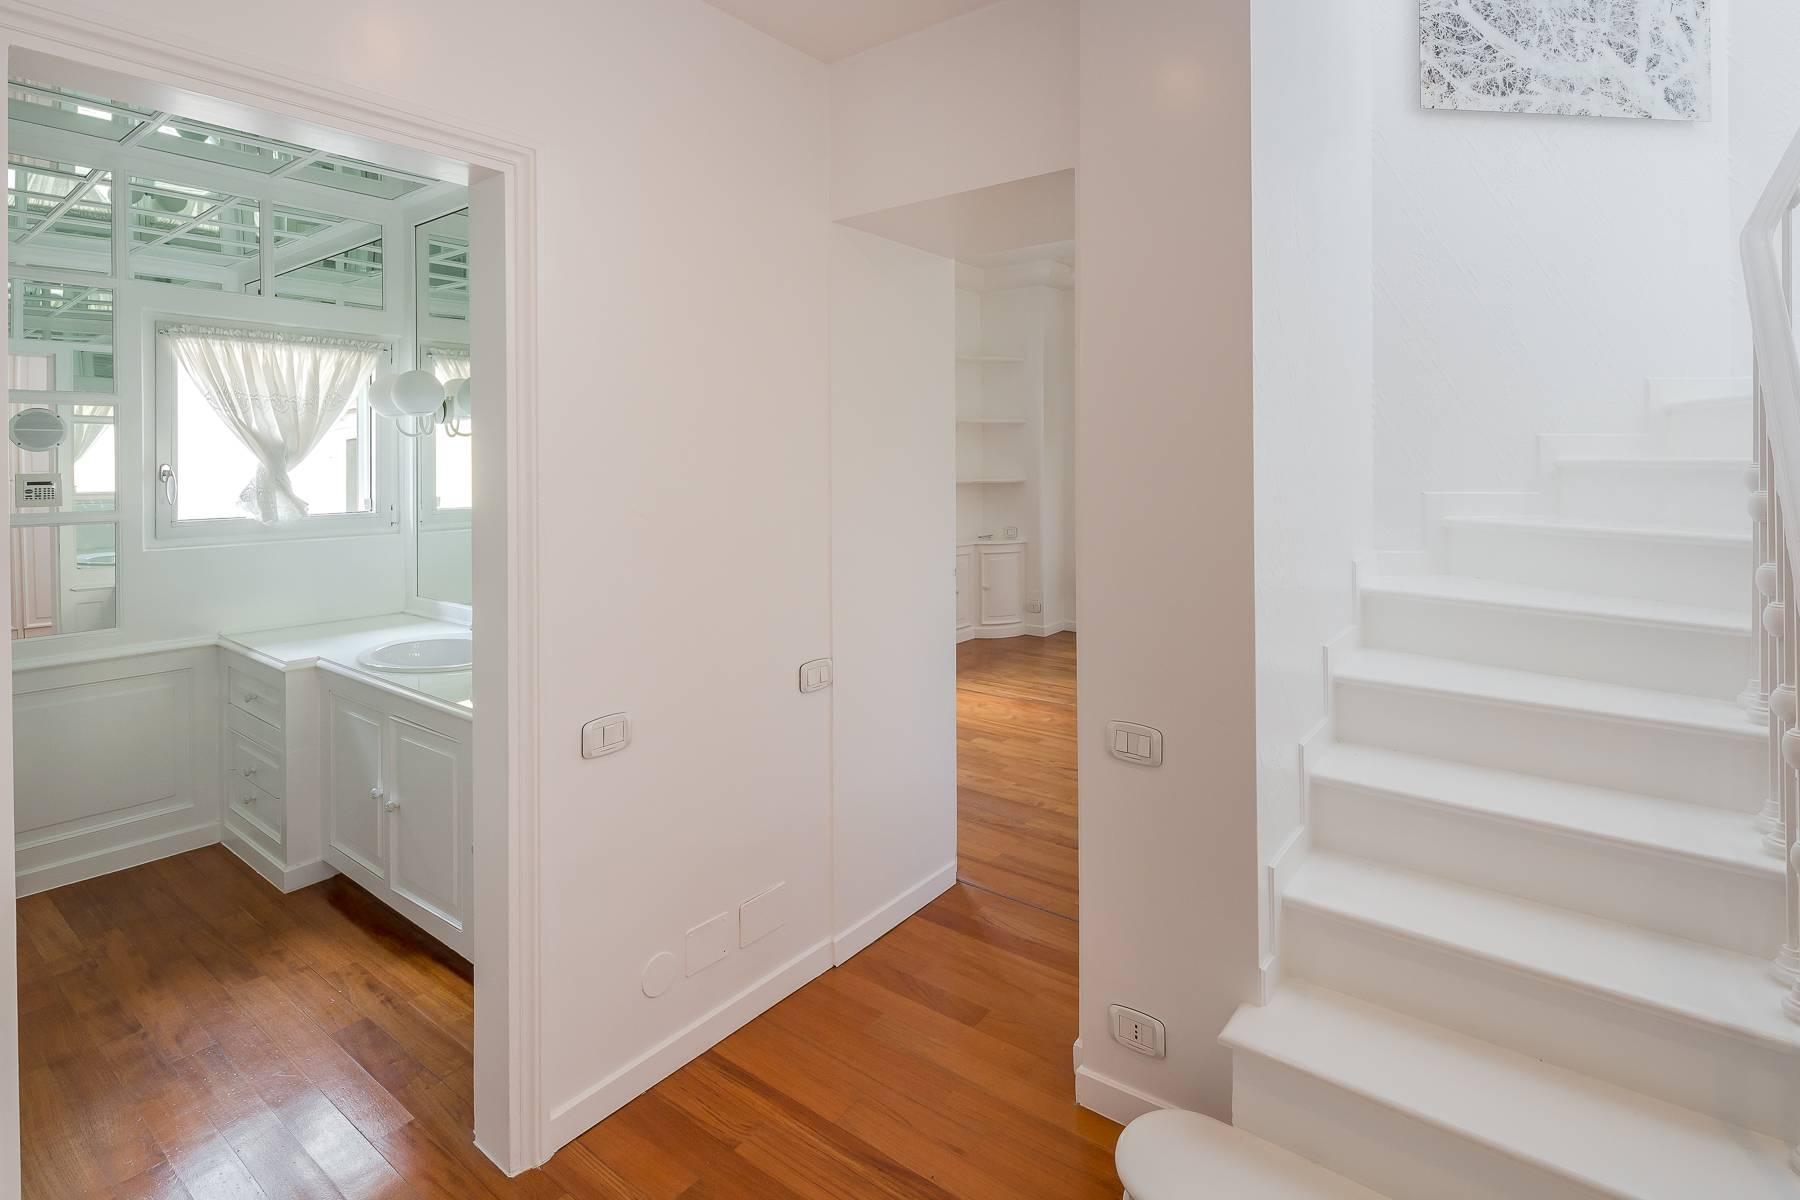 Top-floor apartment for rent in Via Tamburini - 22